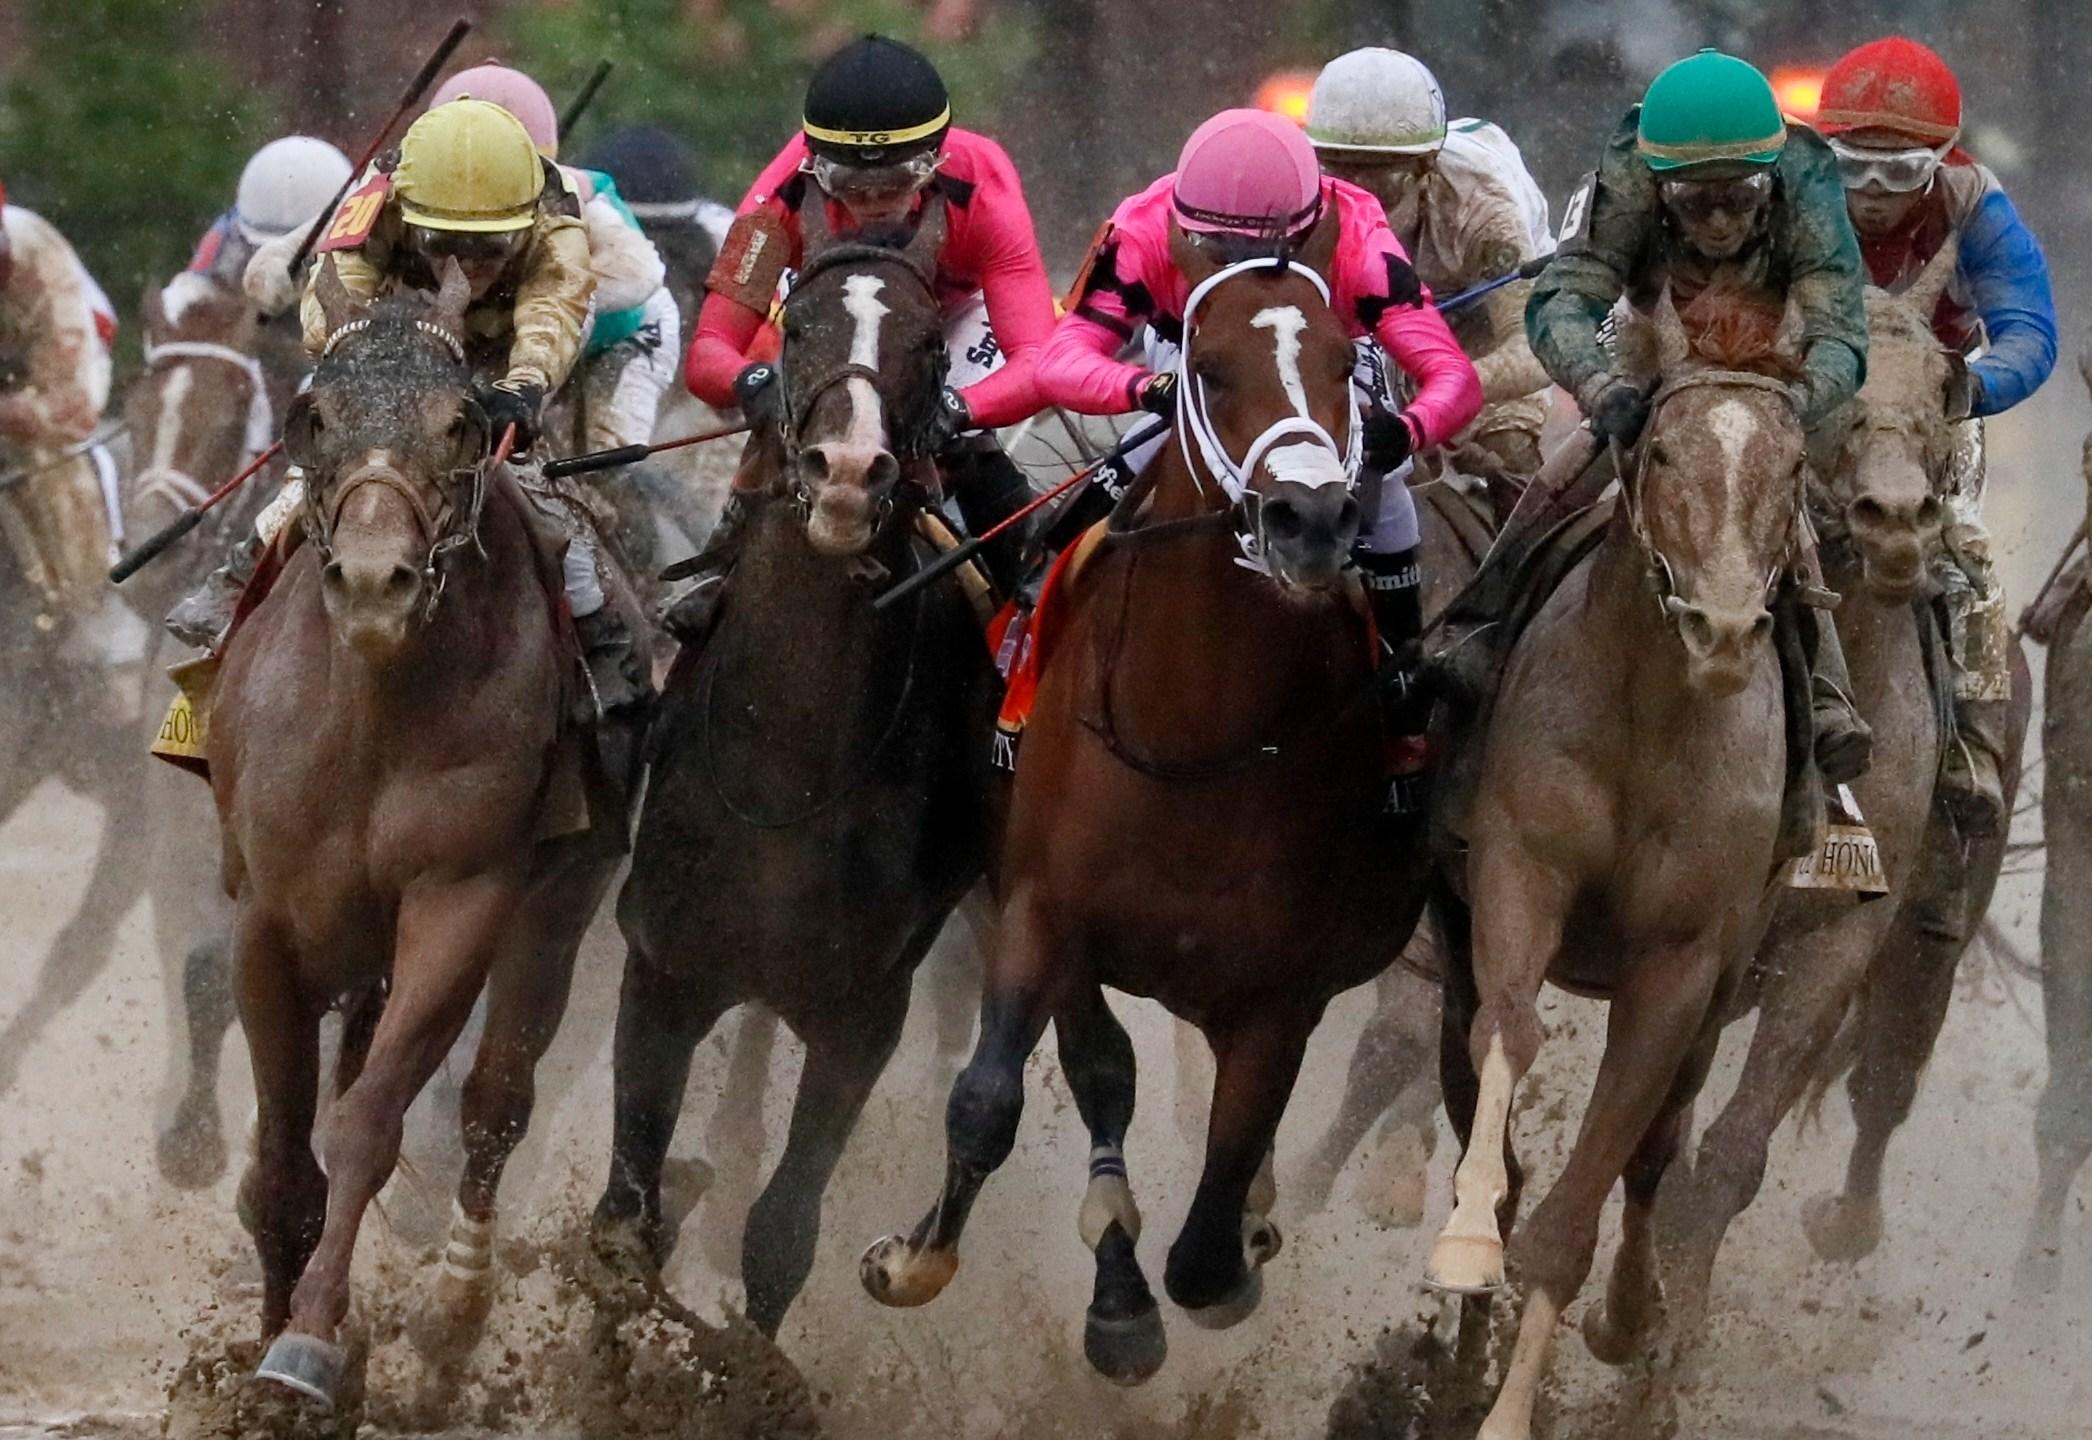 Kentucky_Derby_Horse_Racing_95732-159532.jpg96569781